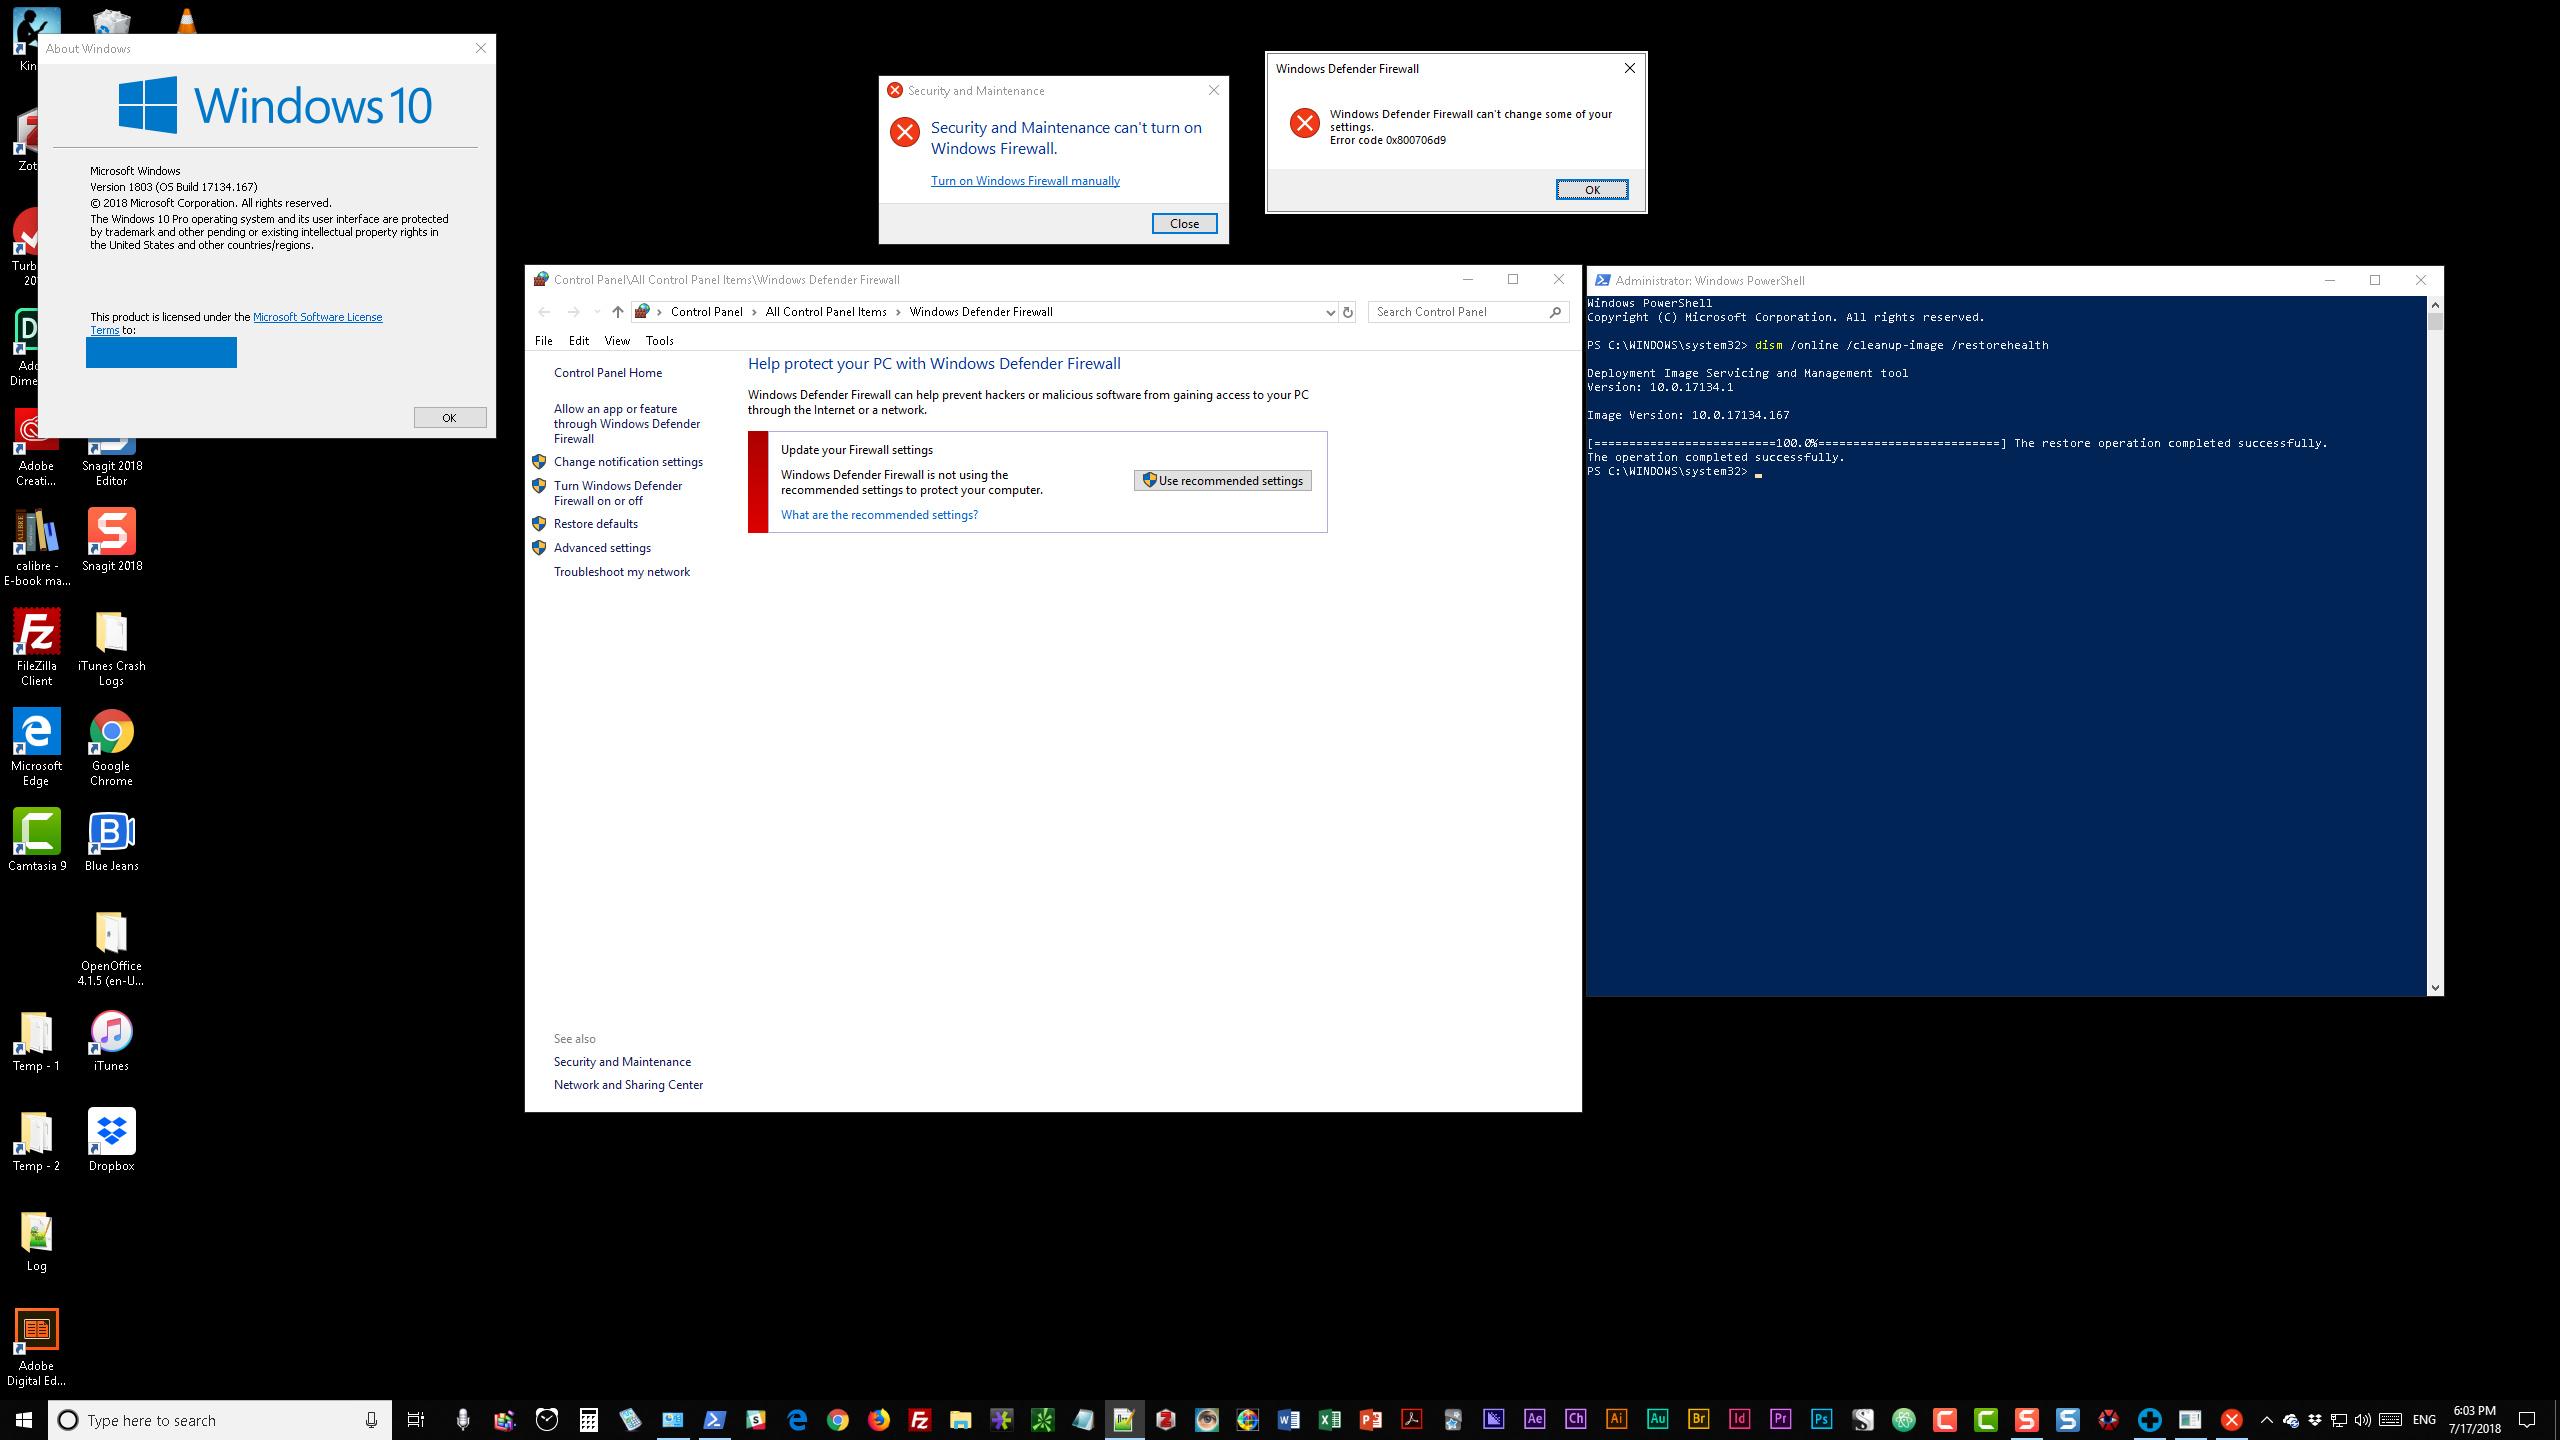 case number 1433771191 windows firewall error codes 0x800706d9